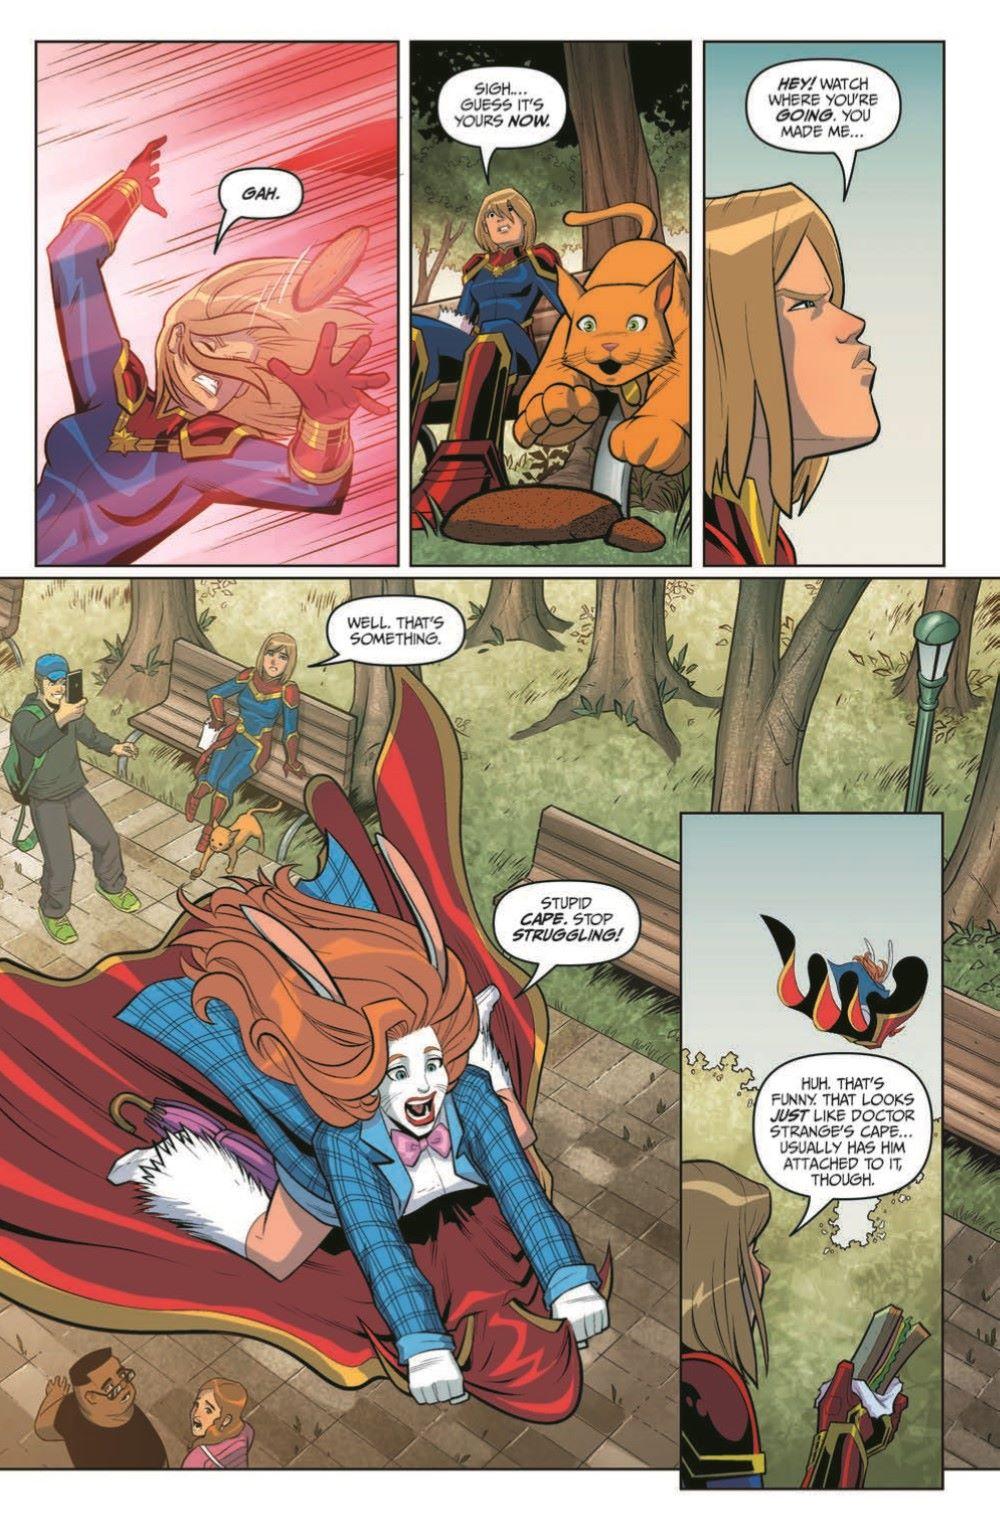 Marvel_Avengers_03_pr-4 ComicList Previews: MARVEL ACTION AVENGERS VOLUME 2 #3